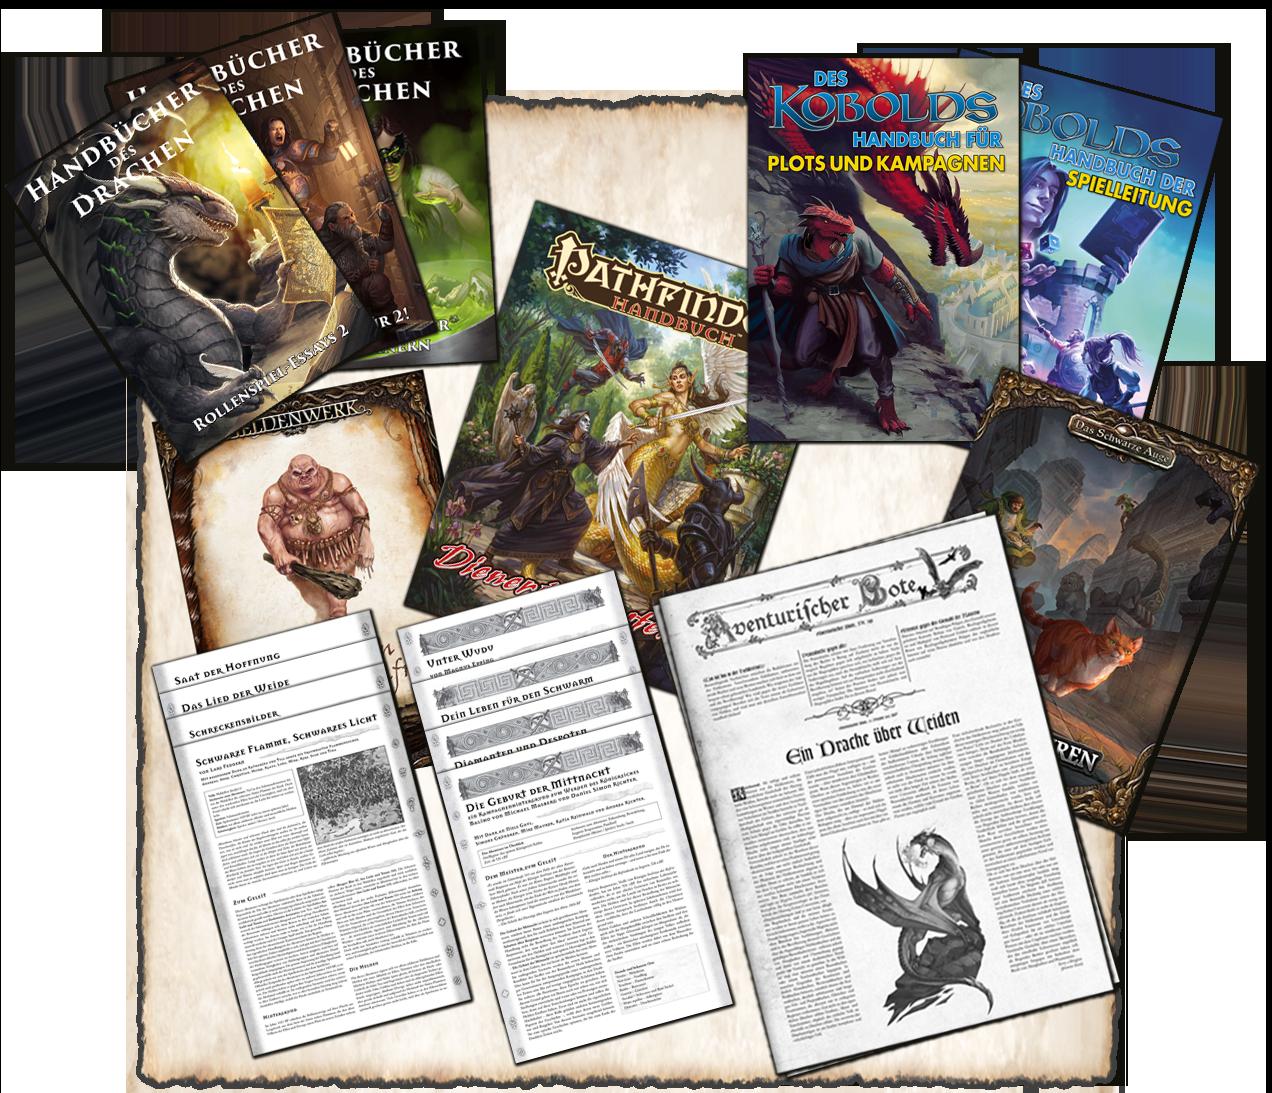 """Neues im Digitalschuppen – Handbücher des Drachen II, des Kobolds Handbücher, DSA5 Abenteuer """"Krallenspuren"""", Heldenwerke und weiteres!"""